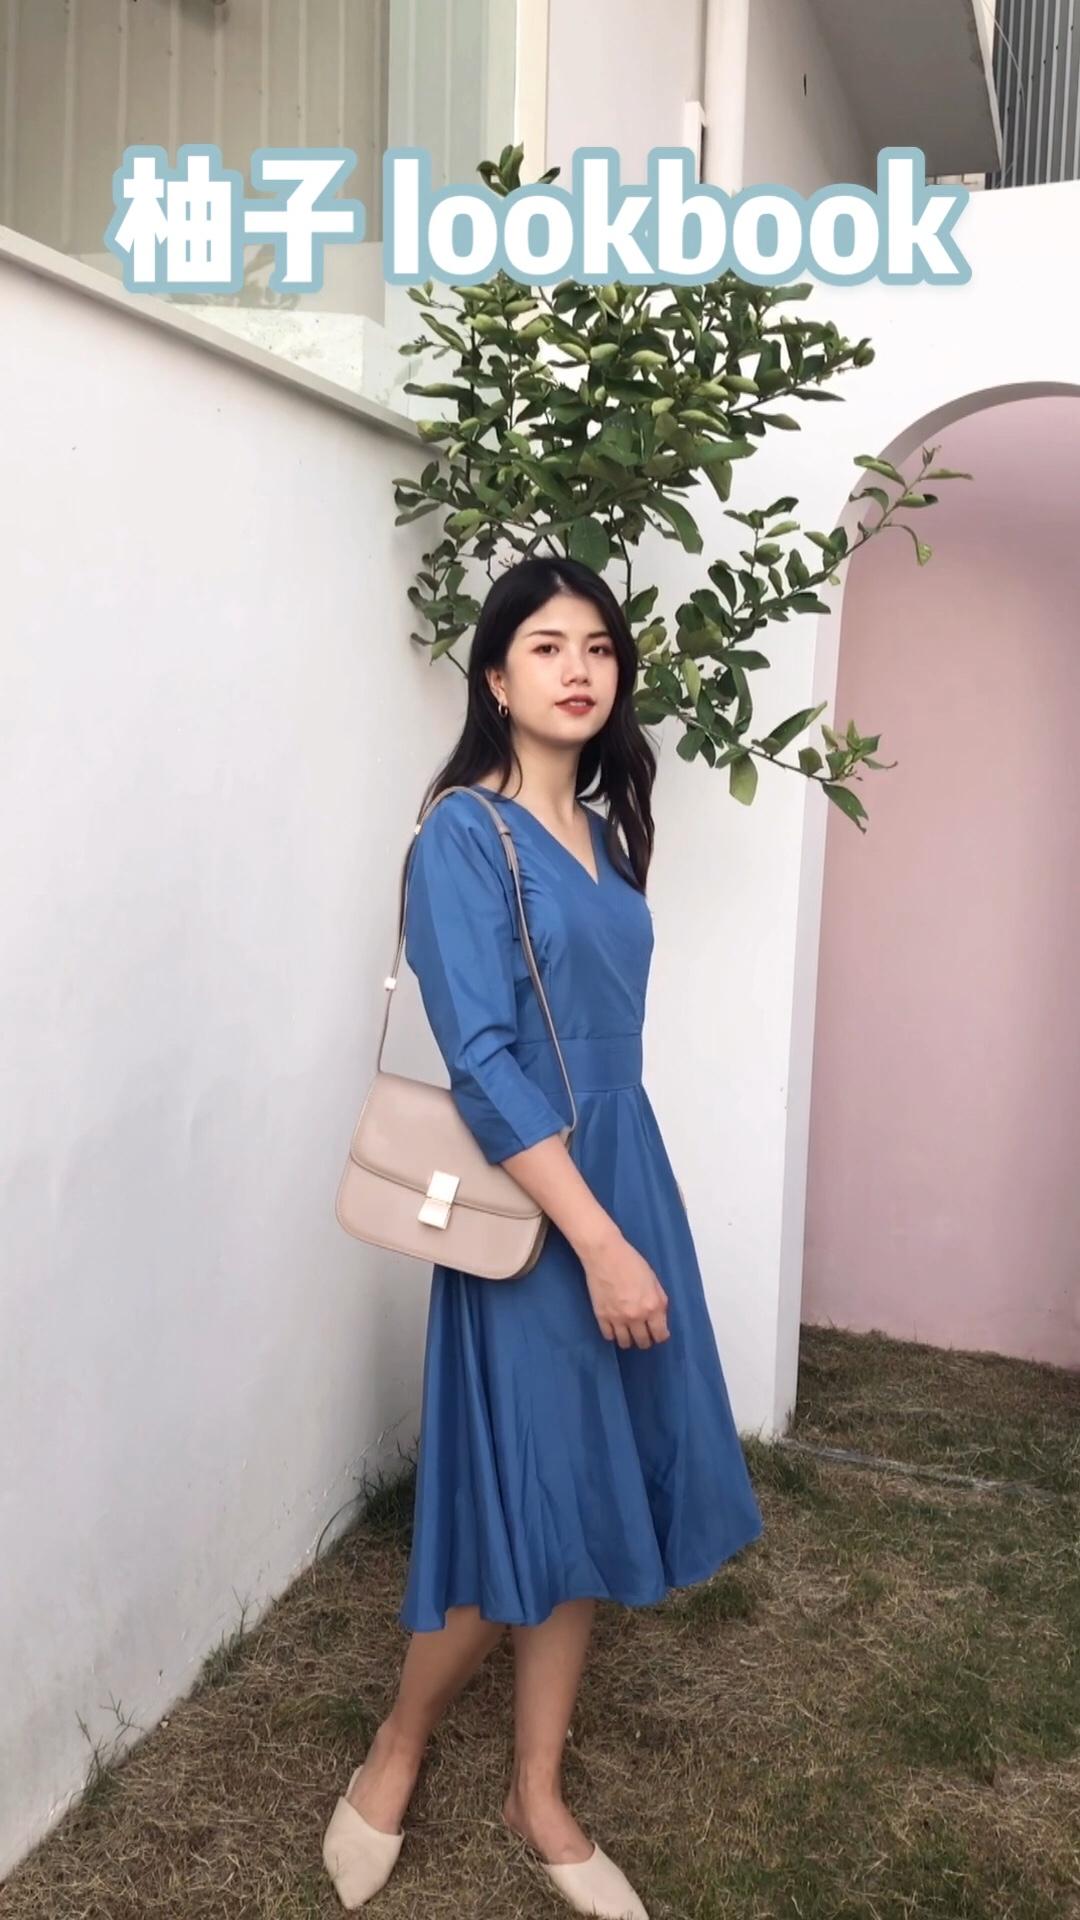 #高矮胖瘦皆宜:茶歇裙!#一周穿搭指南||超喜欢的一件裙子呢。亮蓝色比较衬肤色,茶歇裙的v领视觉上柔化肩颈线条 适合圆脸型的小仙女啦,腰线提高,大长腿说有就有啦